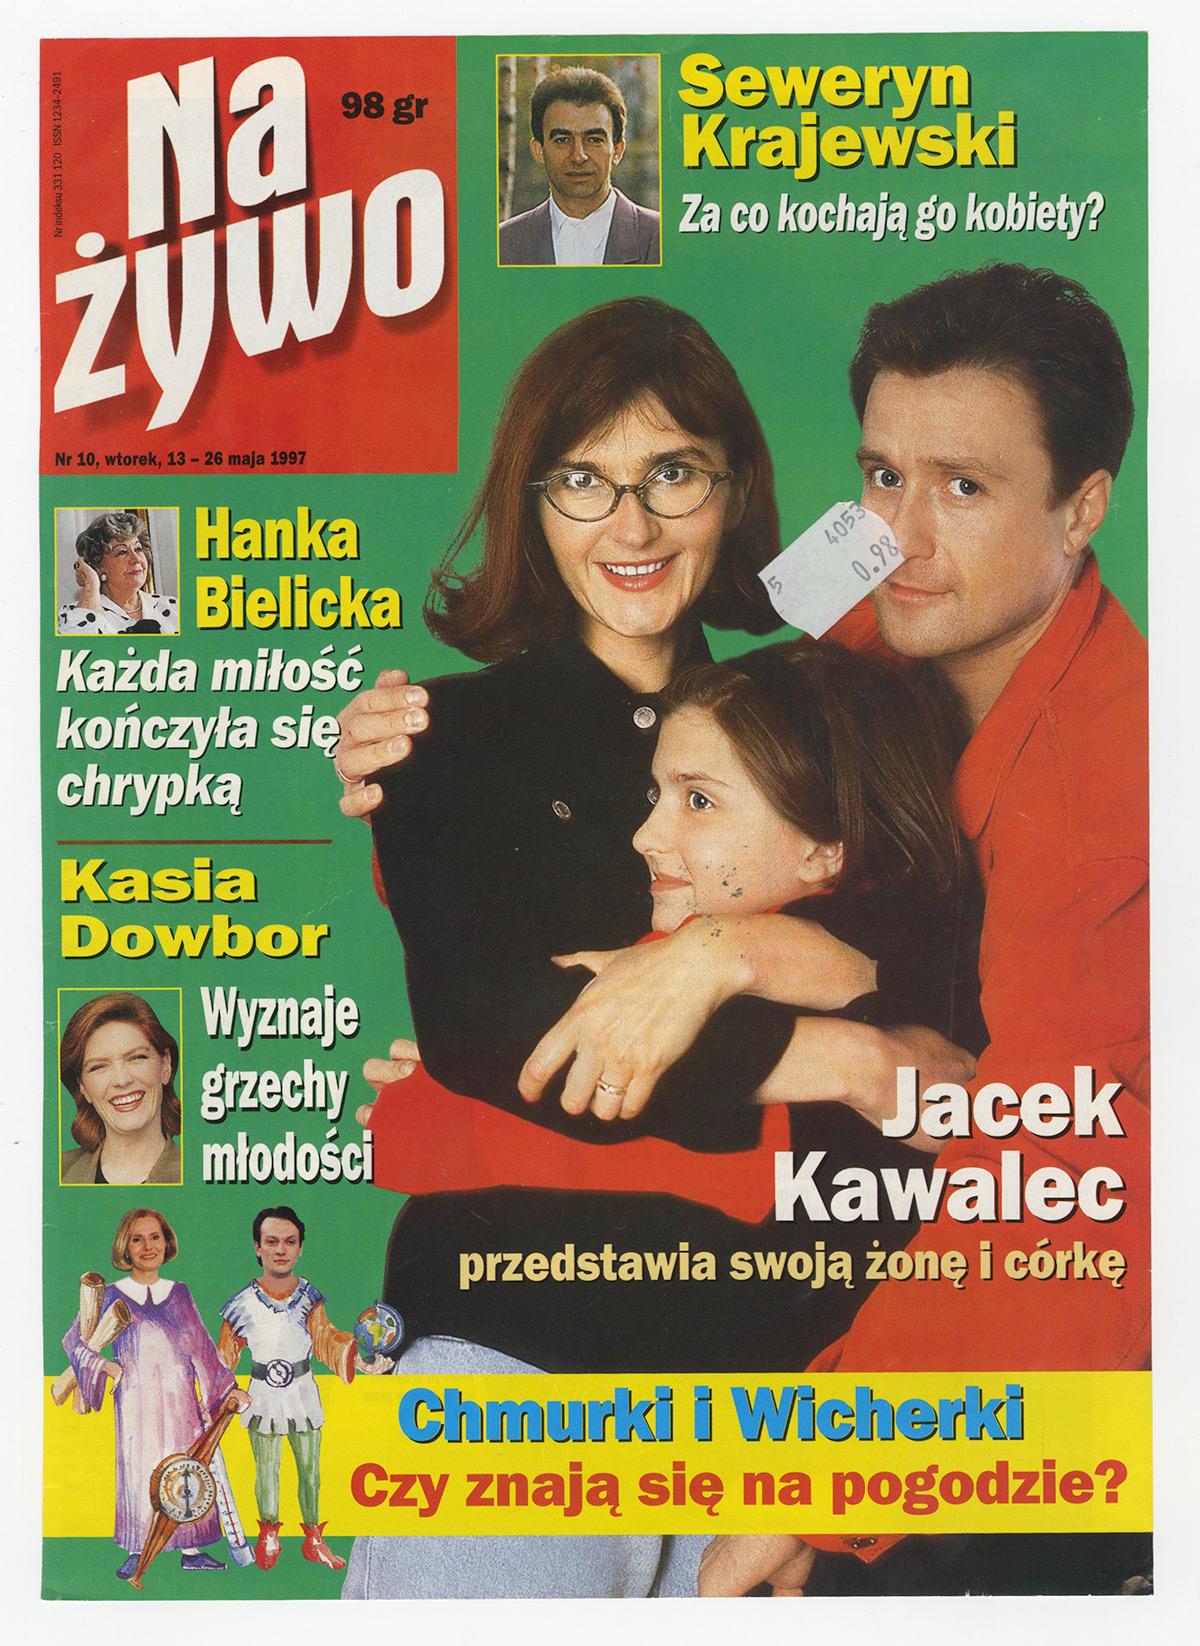 1991-2003-Na_zywo_1997_za_co_kochaja_go_01